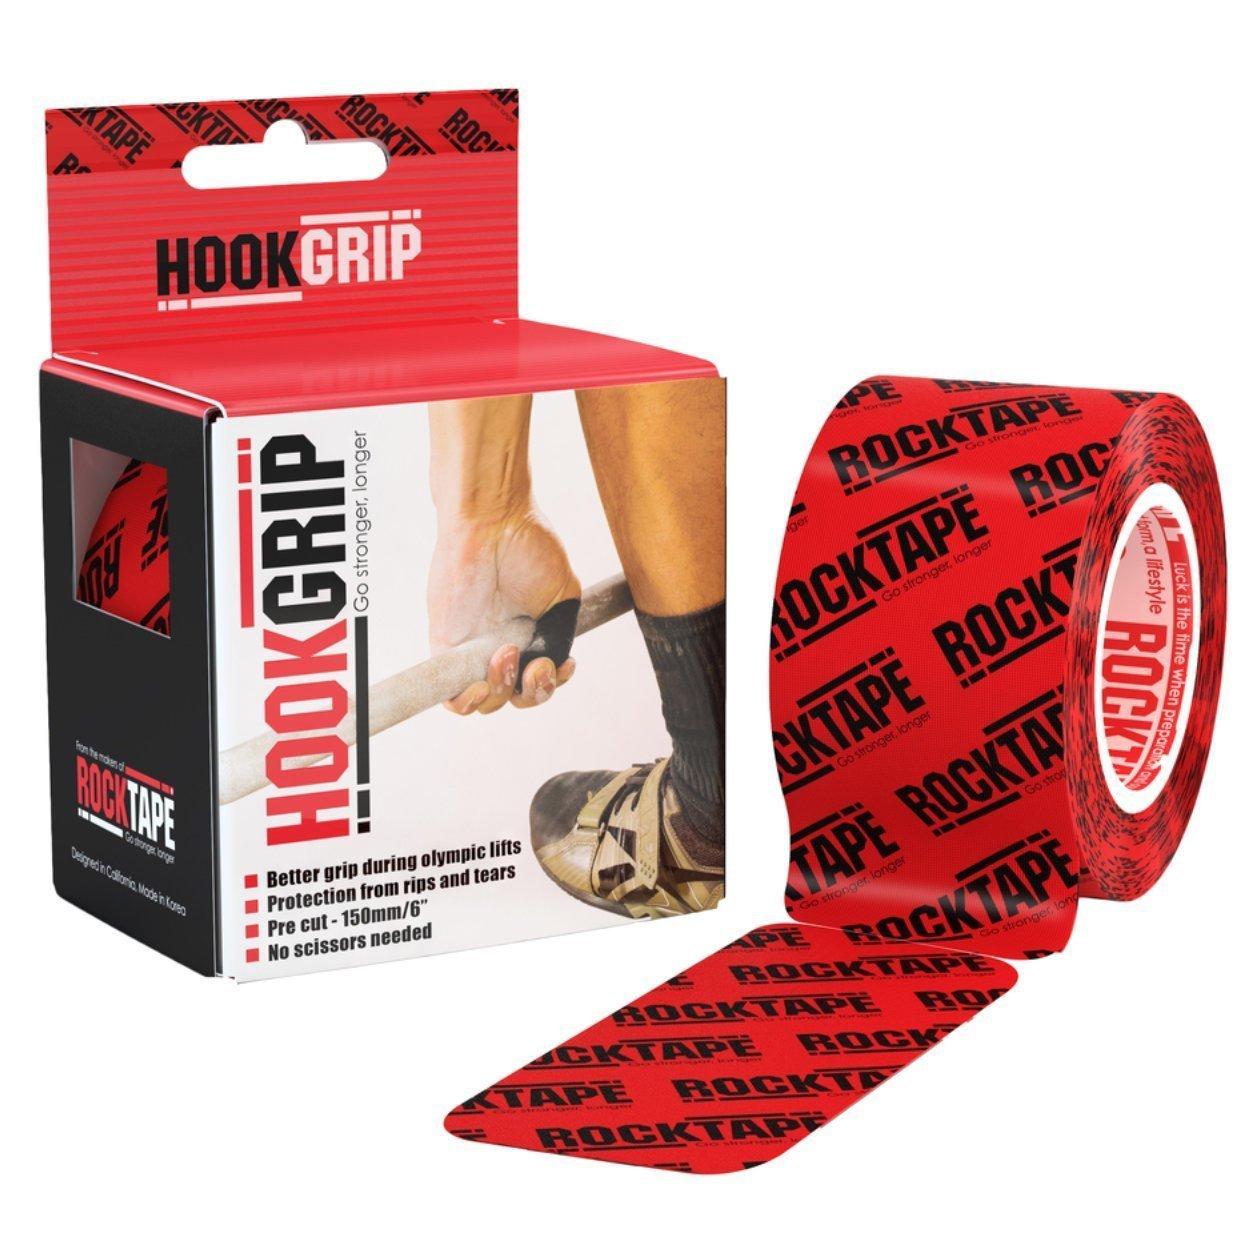 Rocktape Rockband –  Pilates elastischem Band, Schwarz, Medium RCT100-HOOK-OS